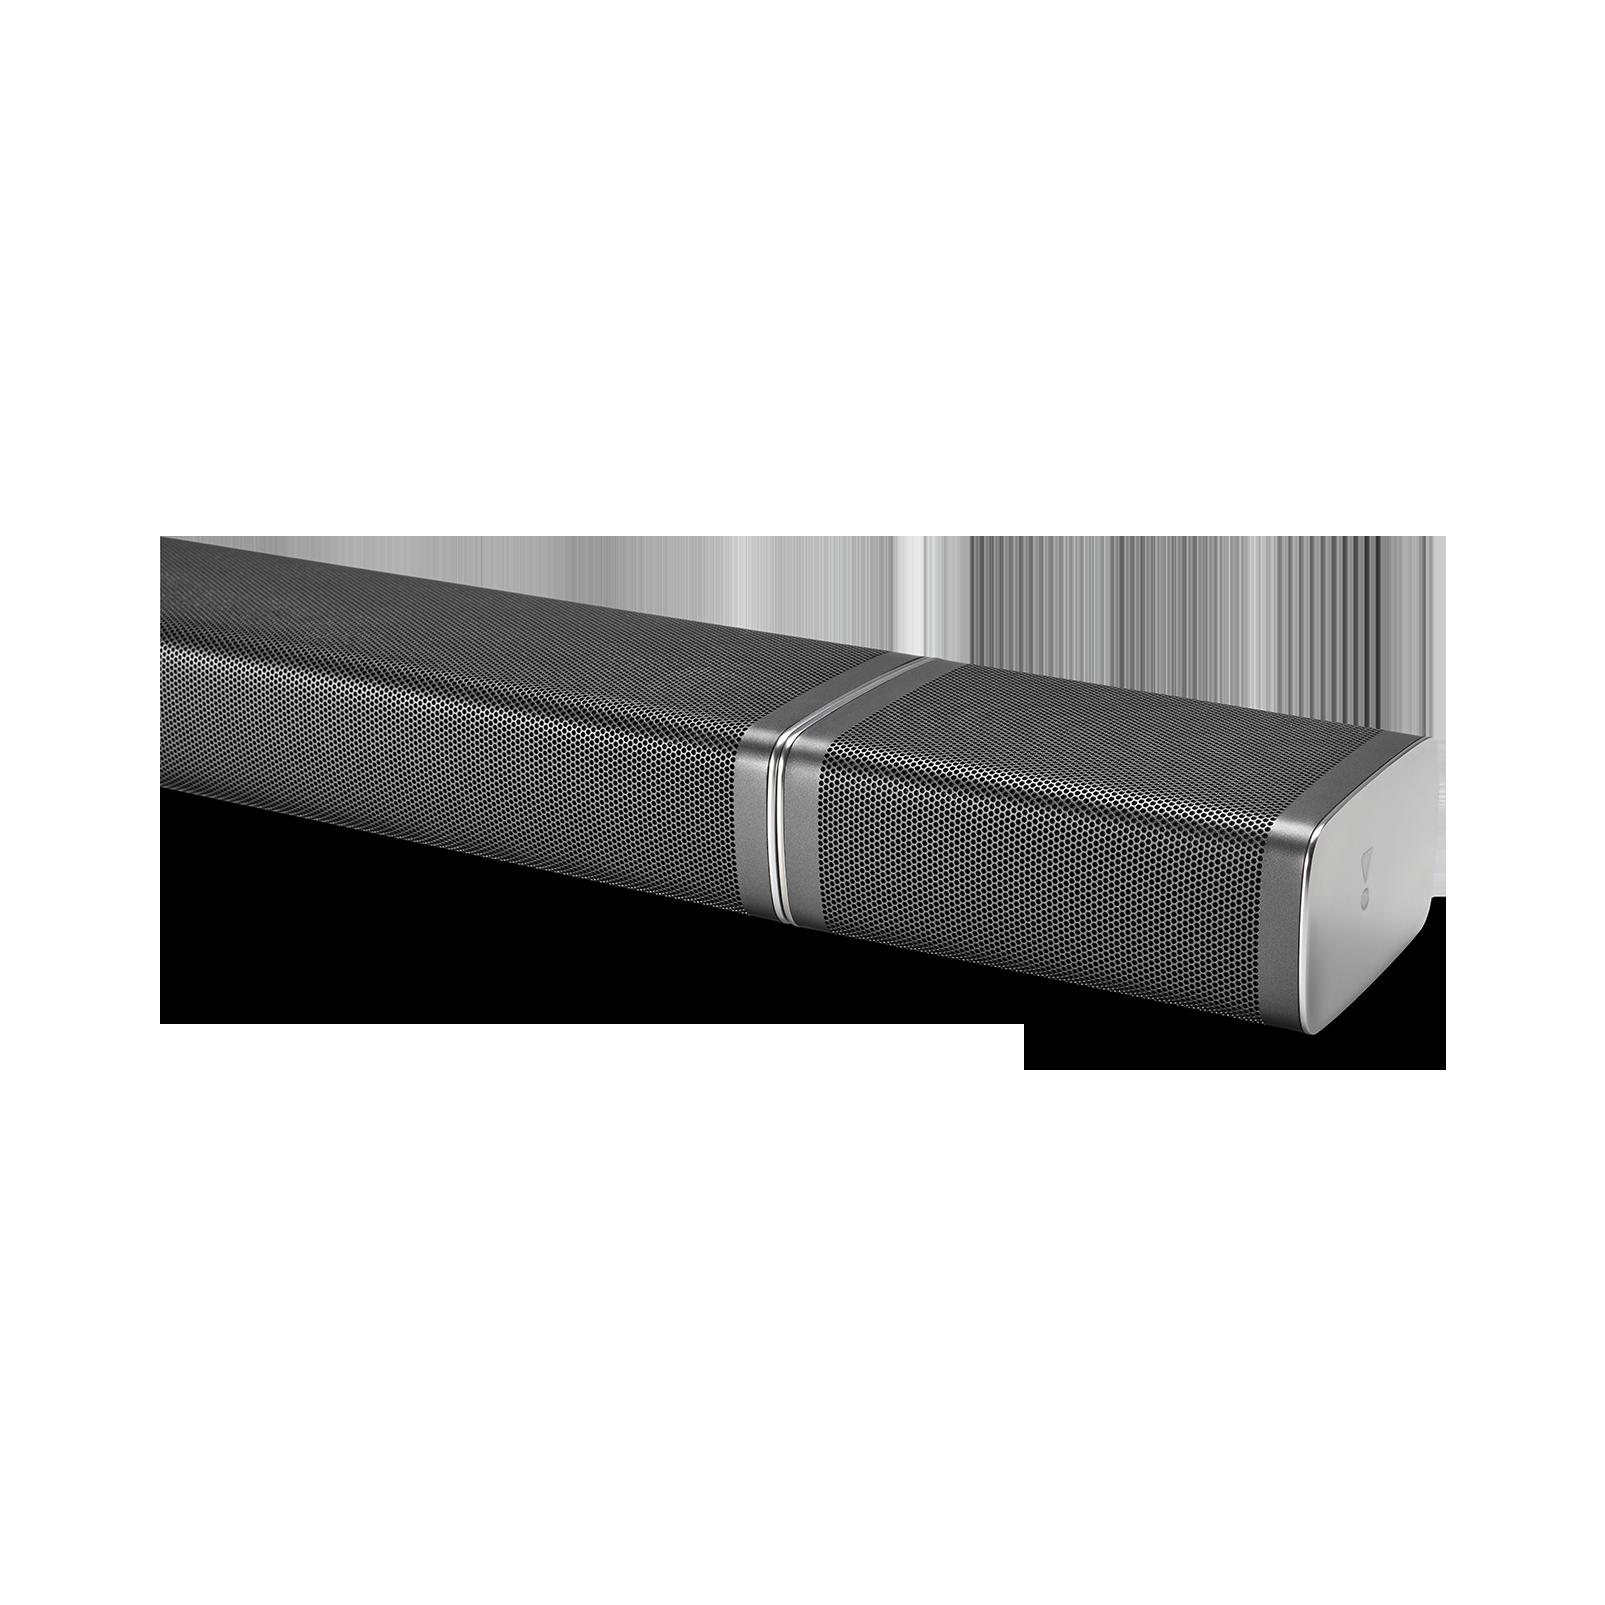 Jbl Bar 51 Channel 4k Ultra Hd Soundbar With True Wireless Wiring Diagram Home Theater Amplifier 5 1